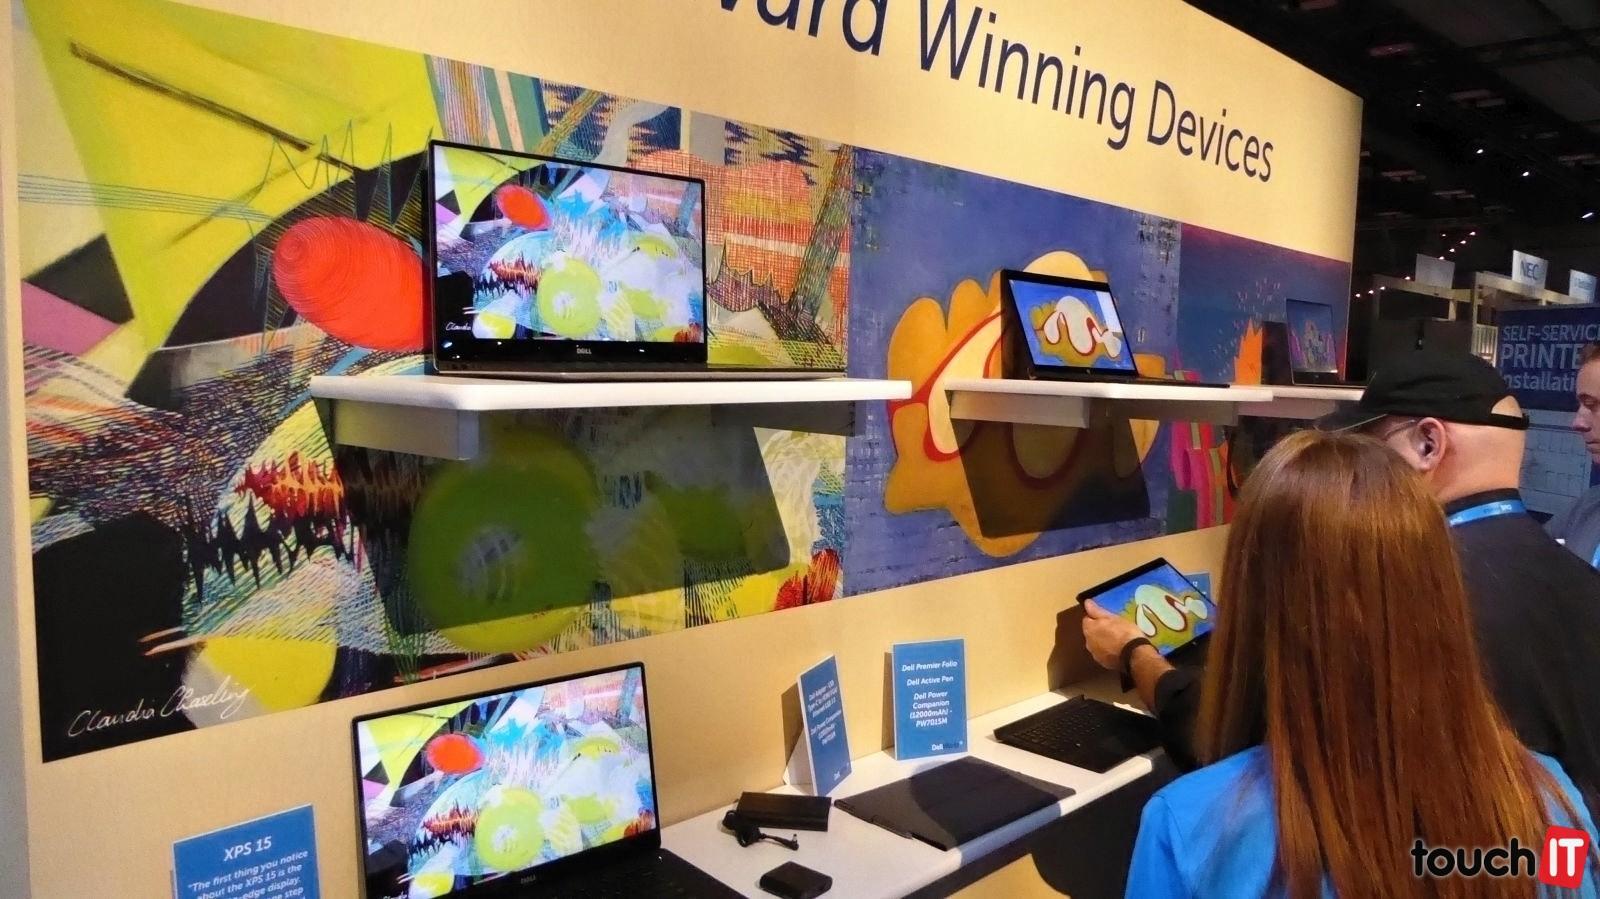 Výstava mobilných zariadení od Dellu. Konvertibilný tablet XPS 12 mal na výstavke svoje miesto, avšak nenašli sme ho vystavený